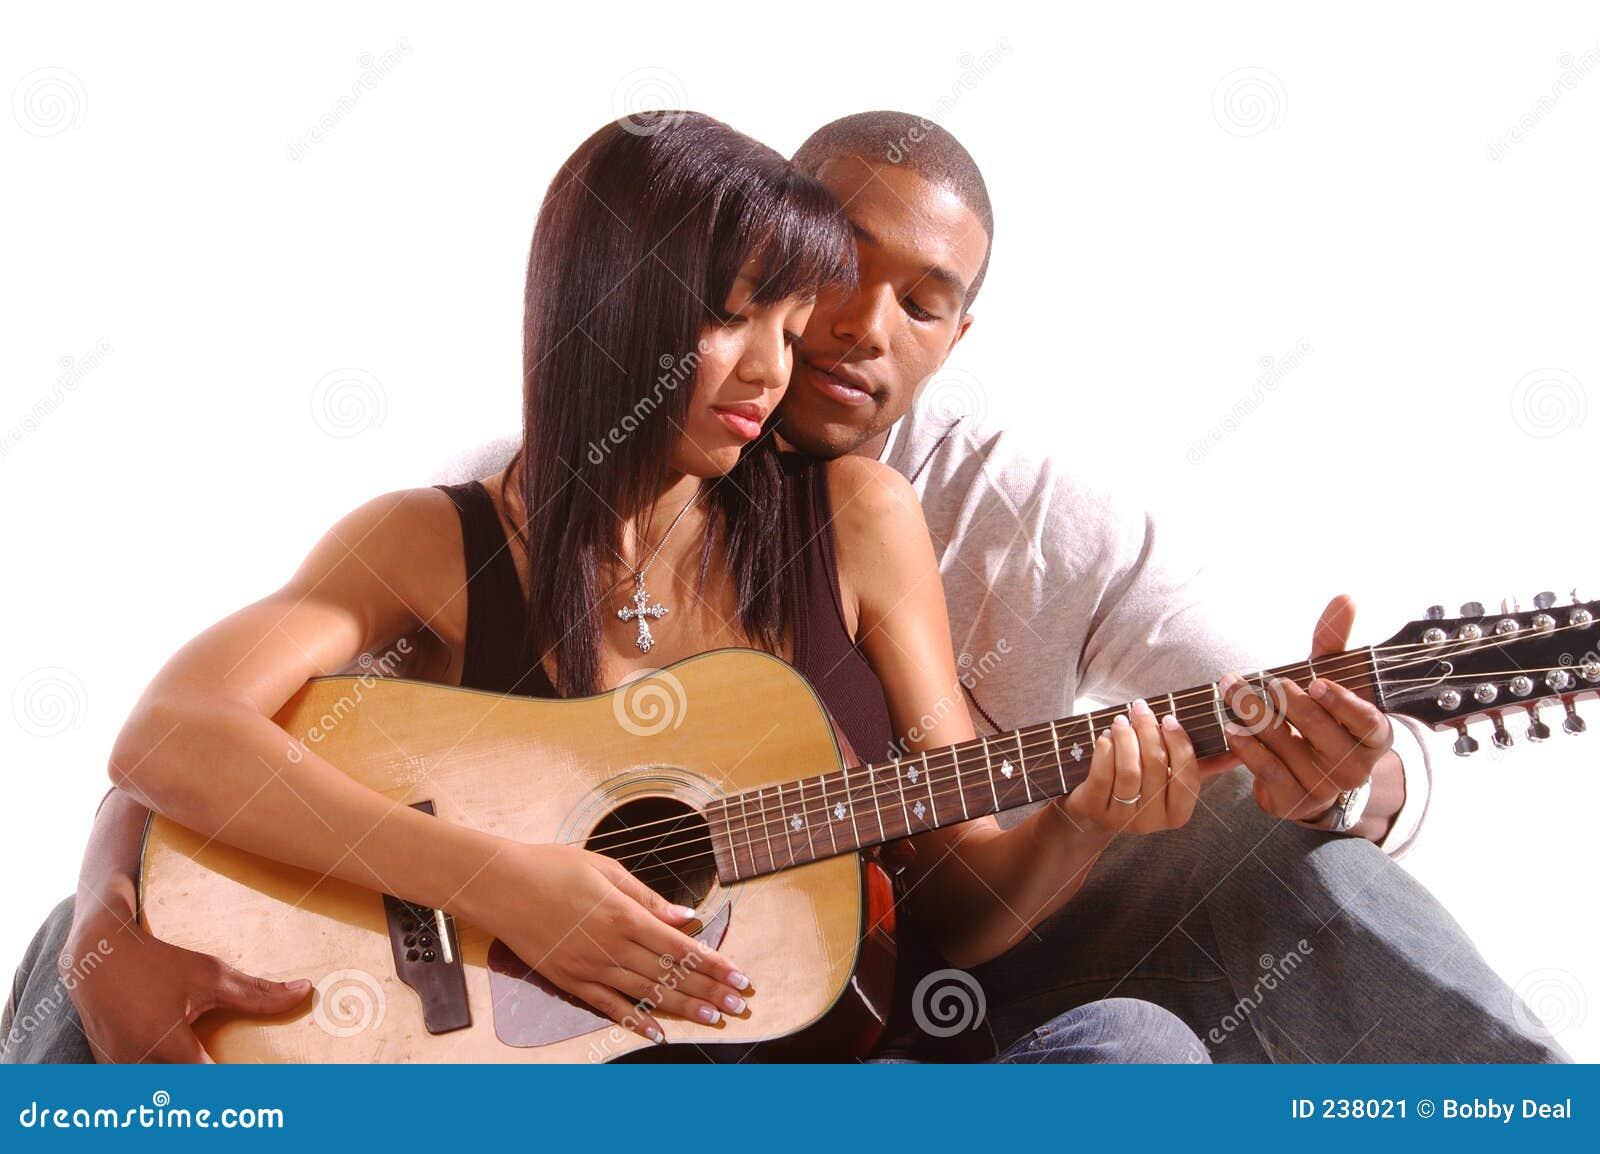 Romantic Guitar Lesson